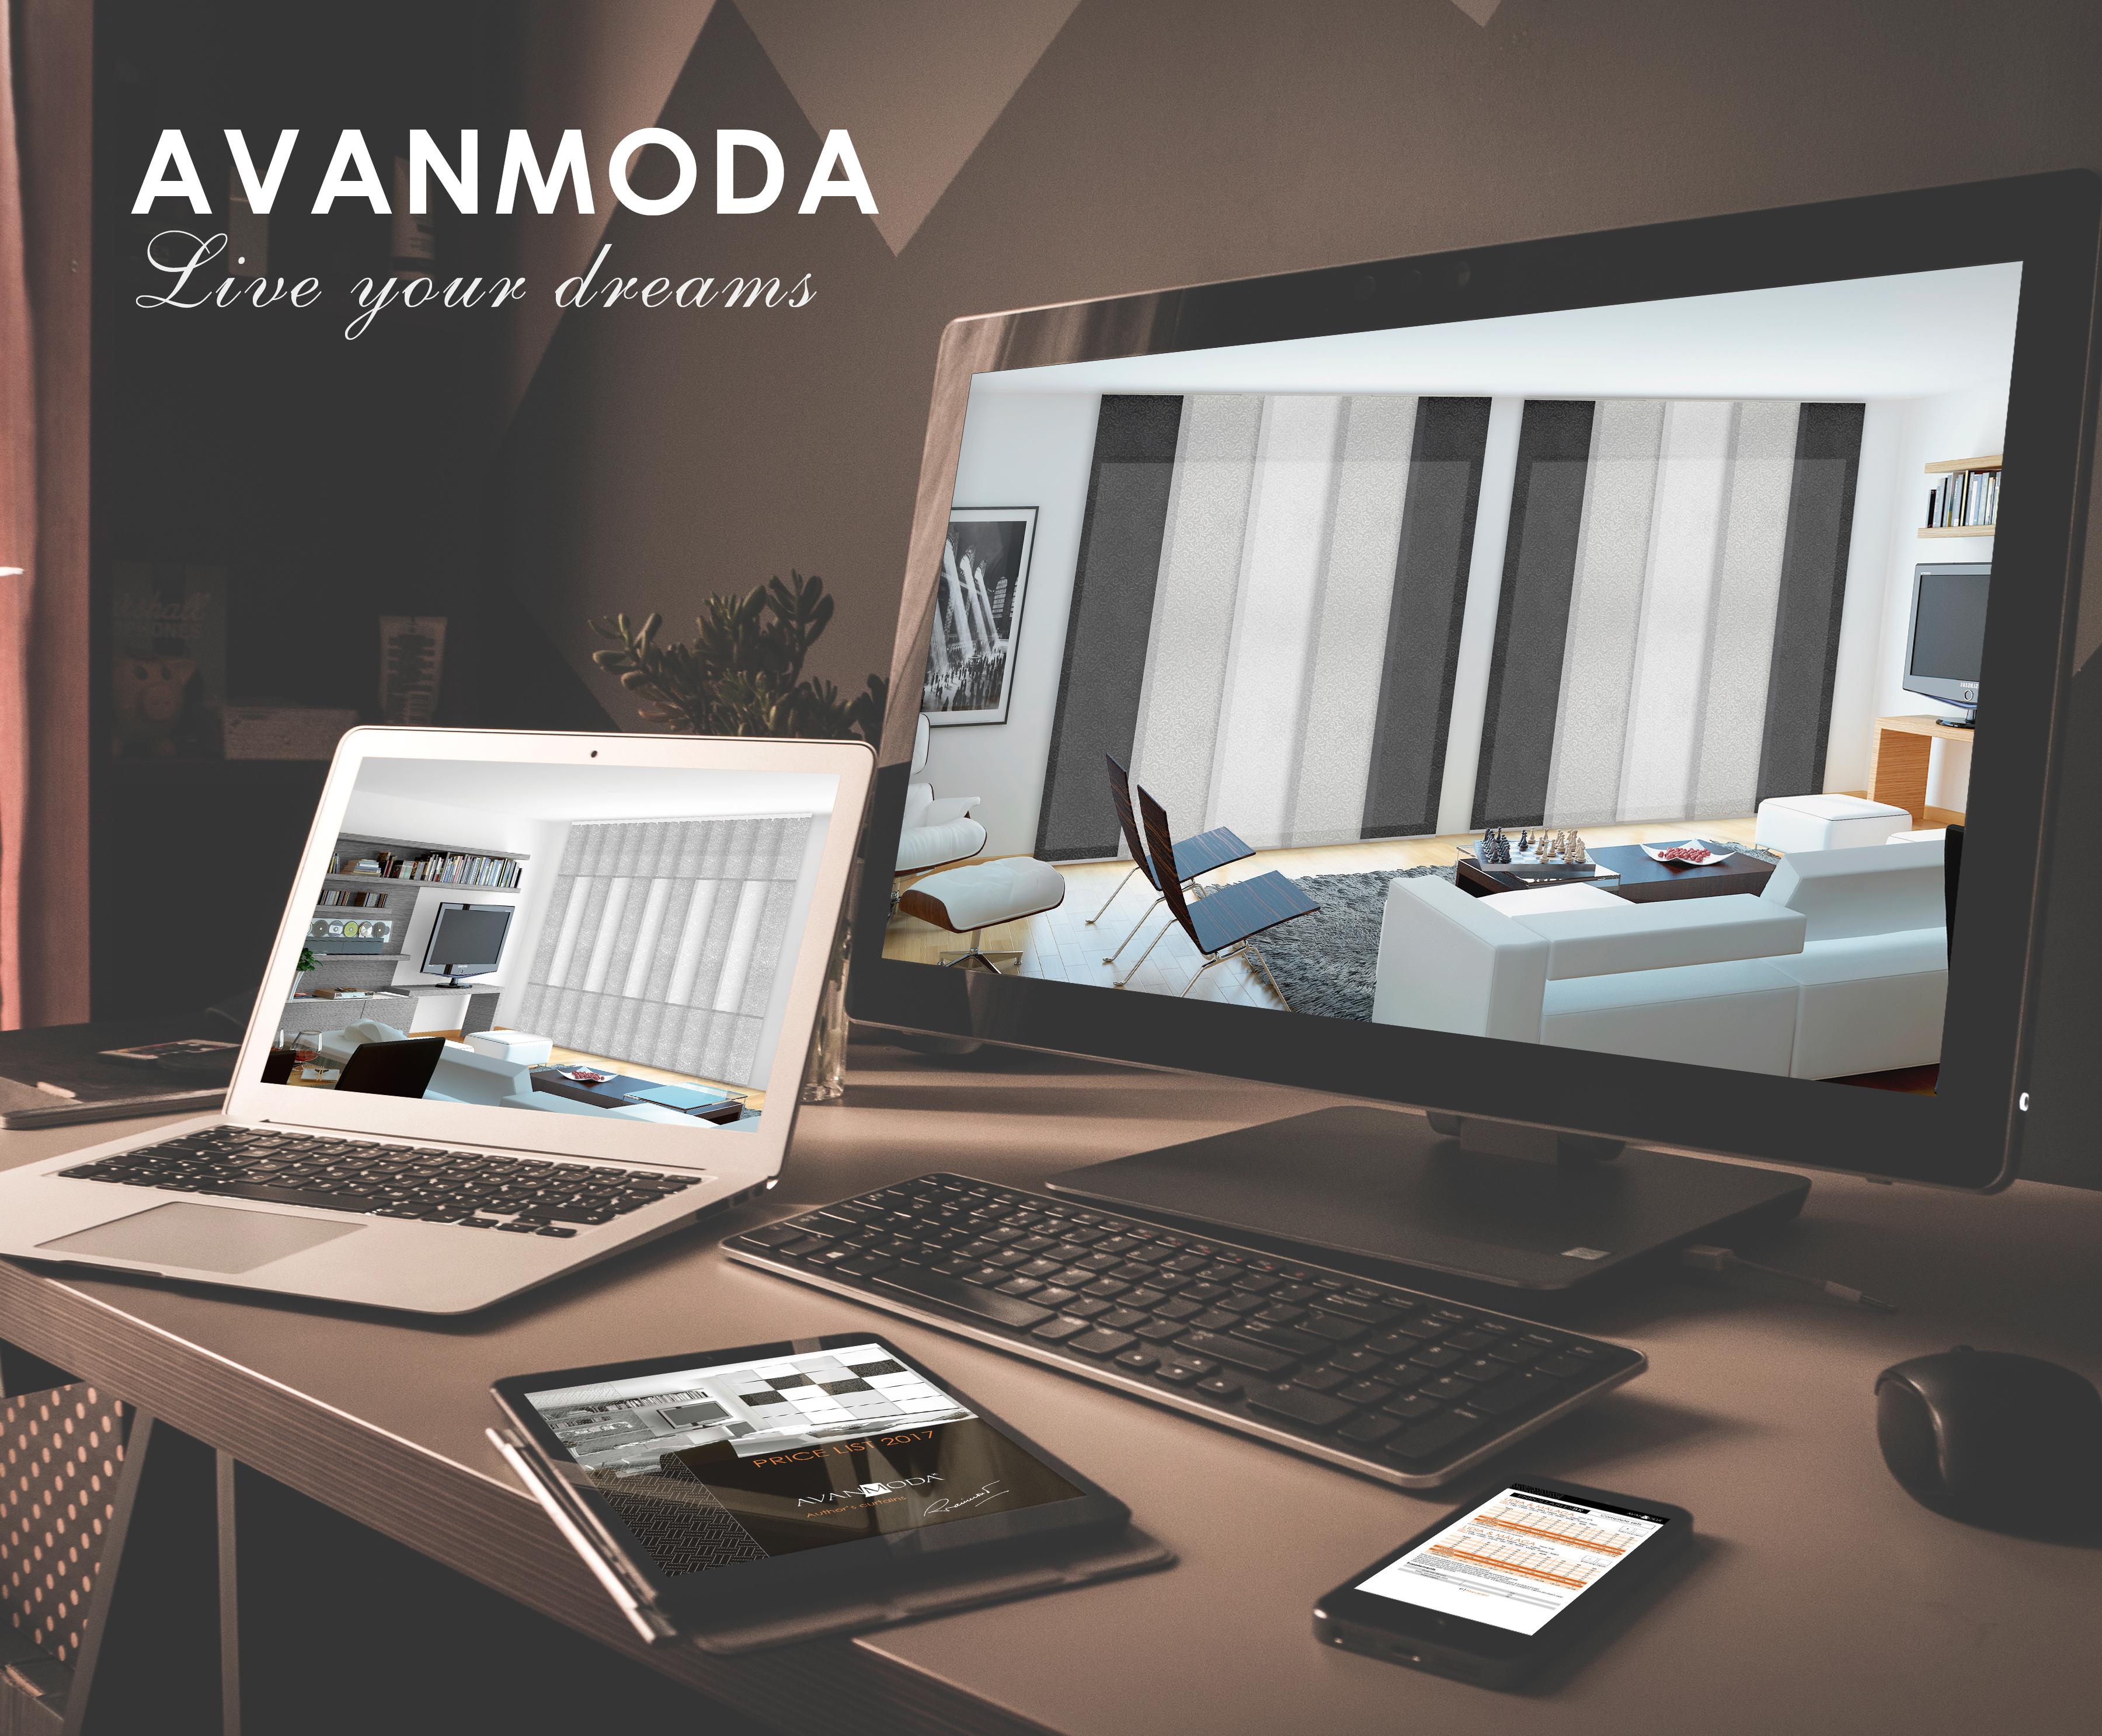 campanya publicitària Avanmoda 2019